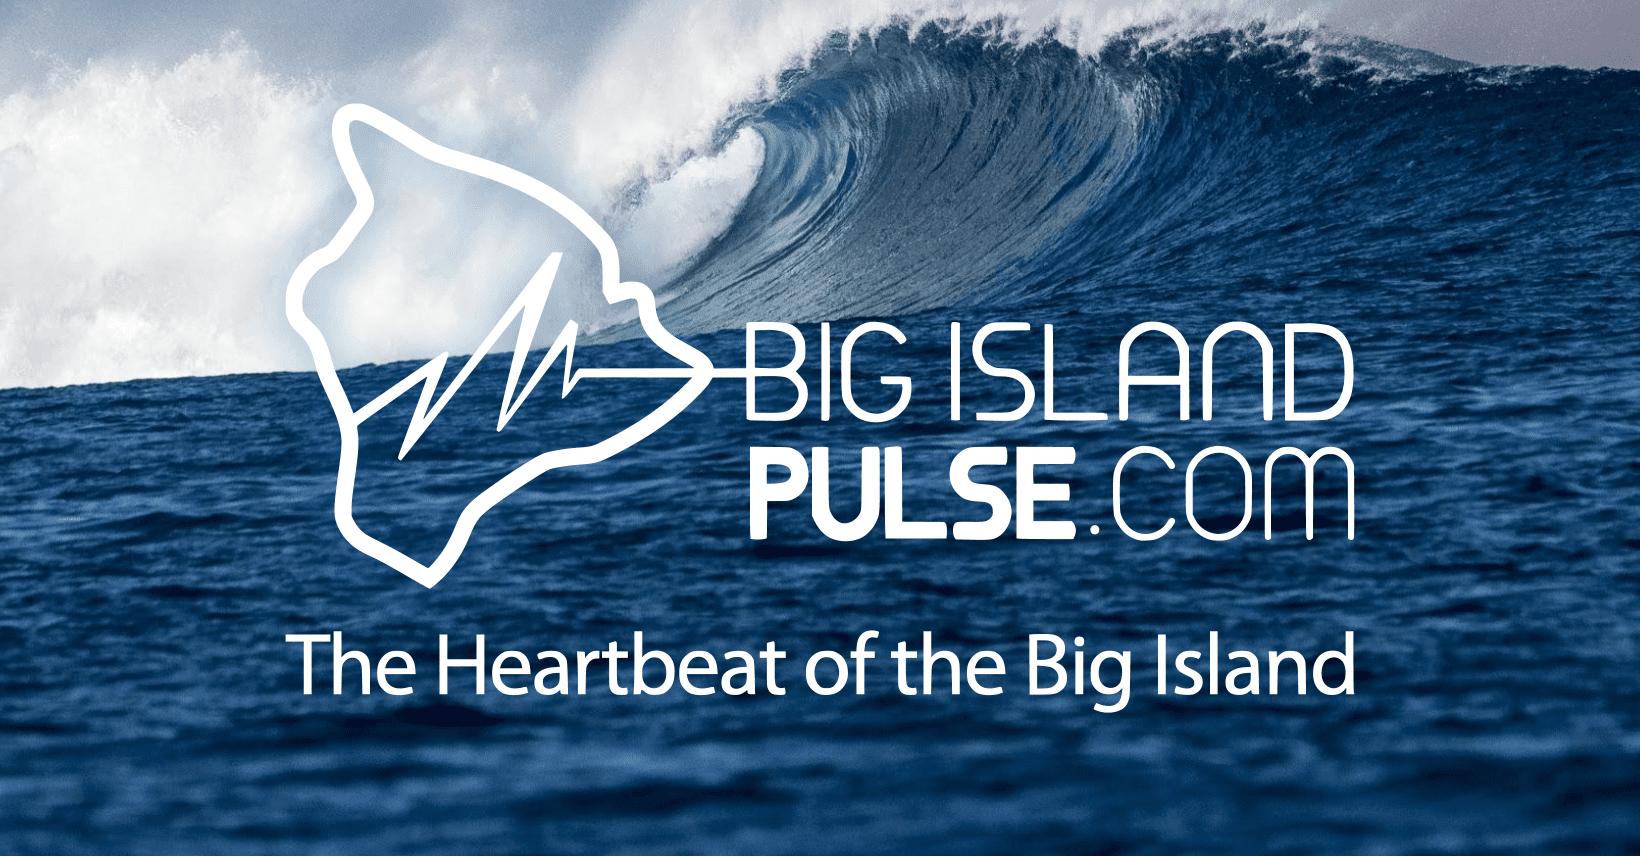 Big Island Hawaii Pulse logo on wave